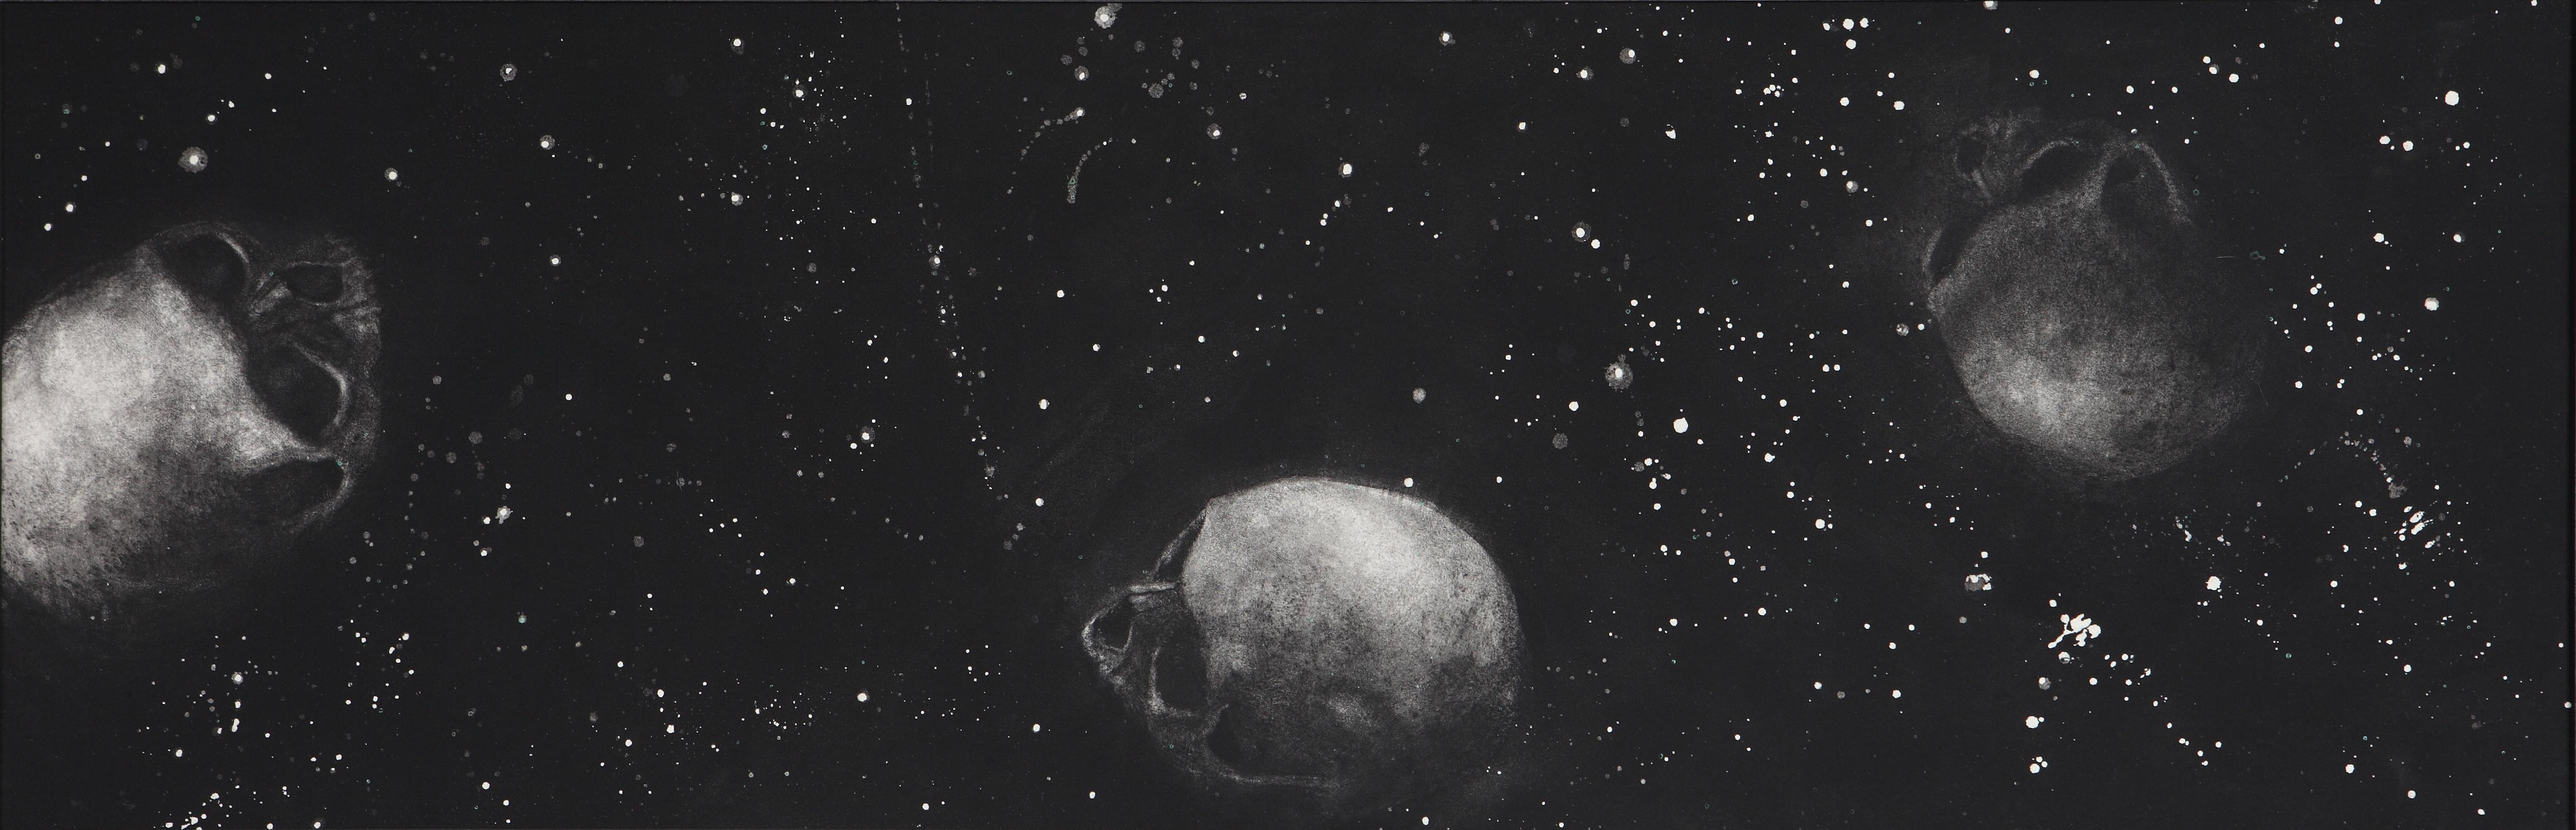 Noir 3 crânes